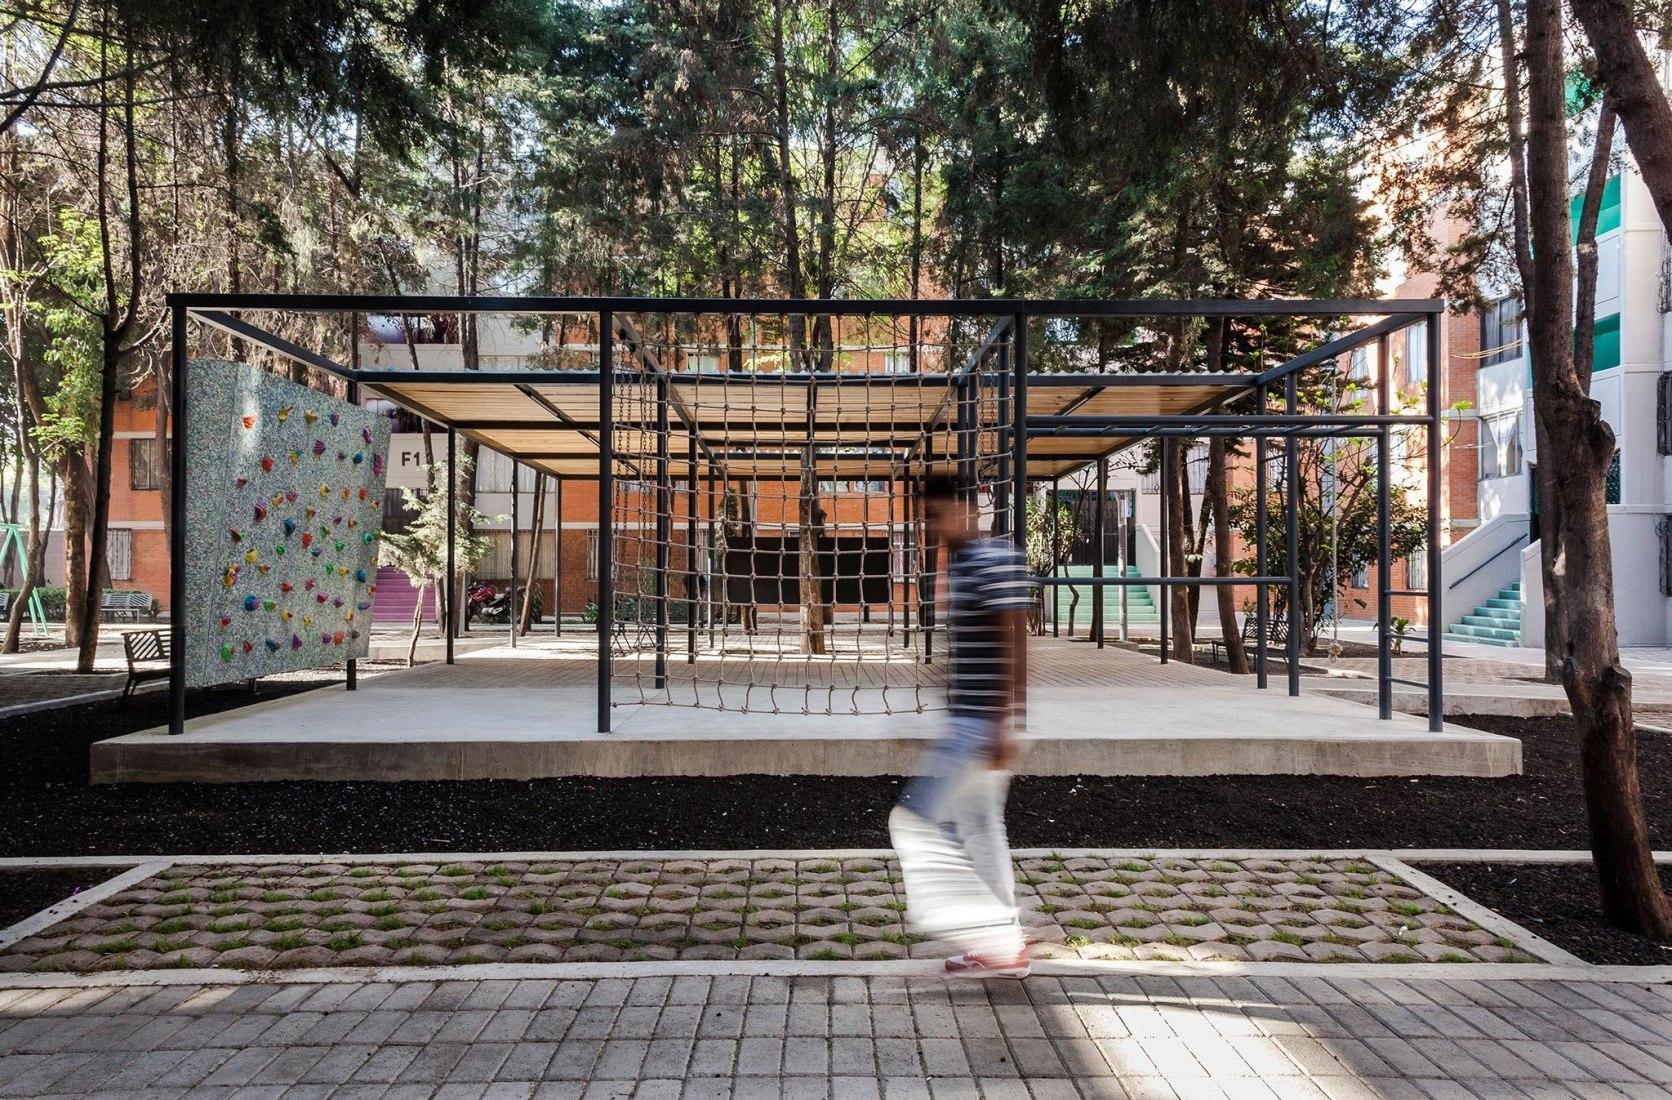 Común-Unidad por Rozana Montiel Estudio de Arquitectura y Alin V. Wallach. Fotografía © Sandra PérezNieto